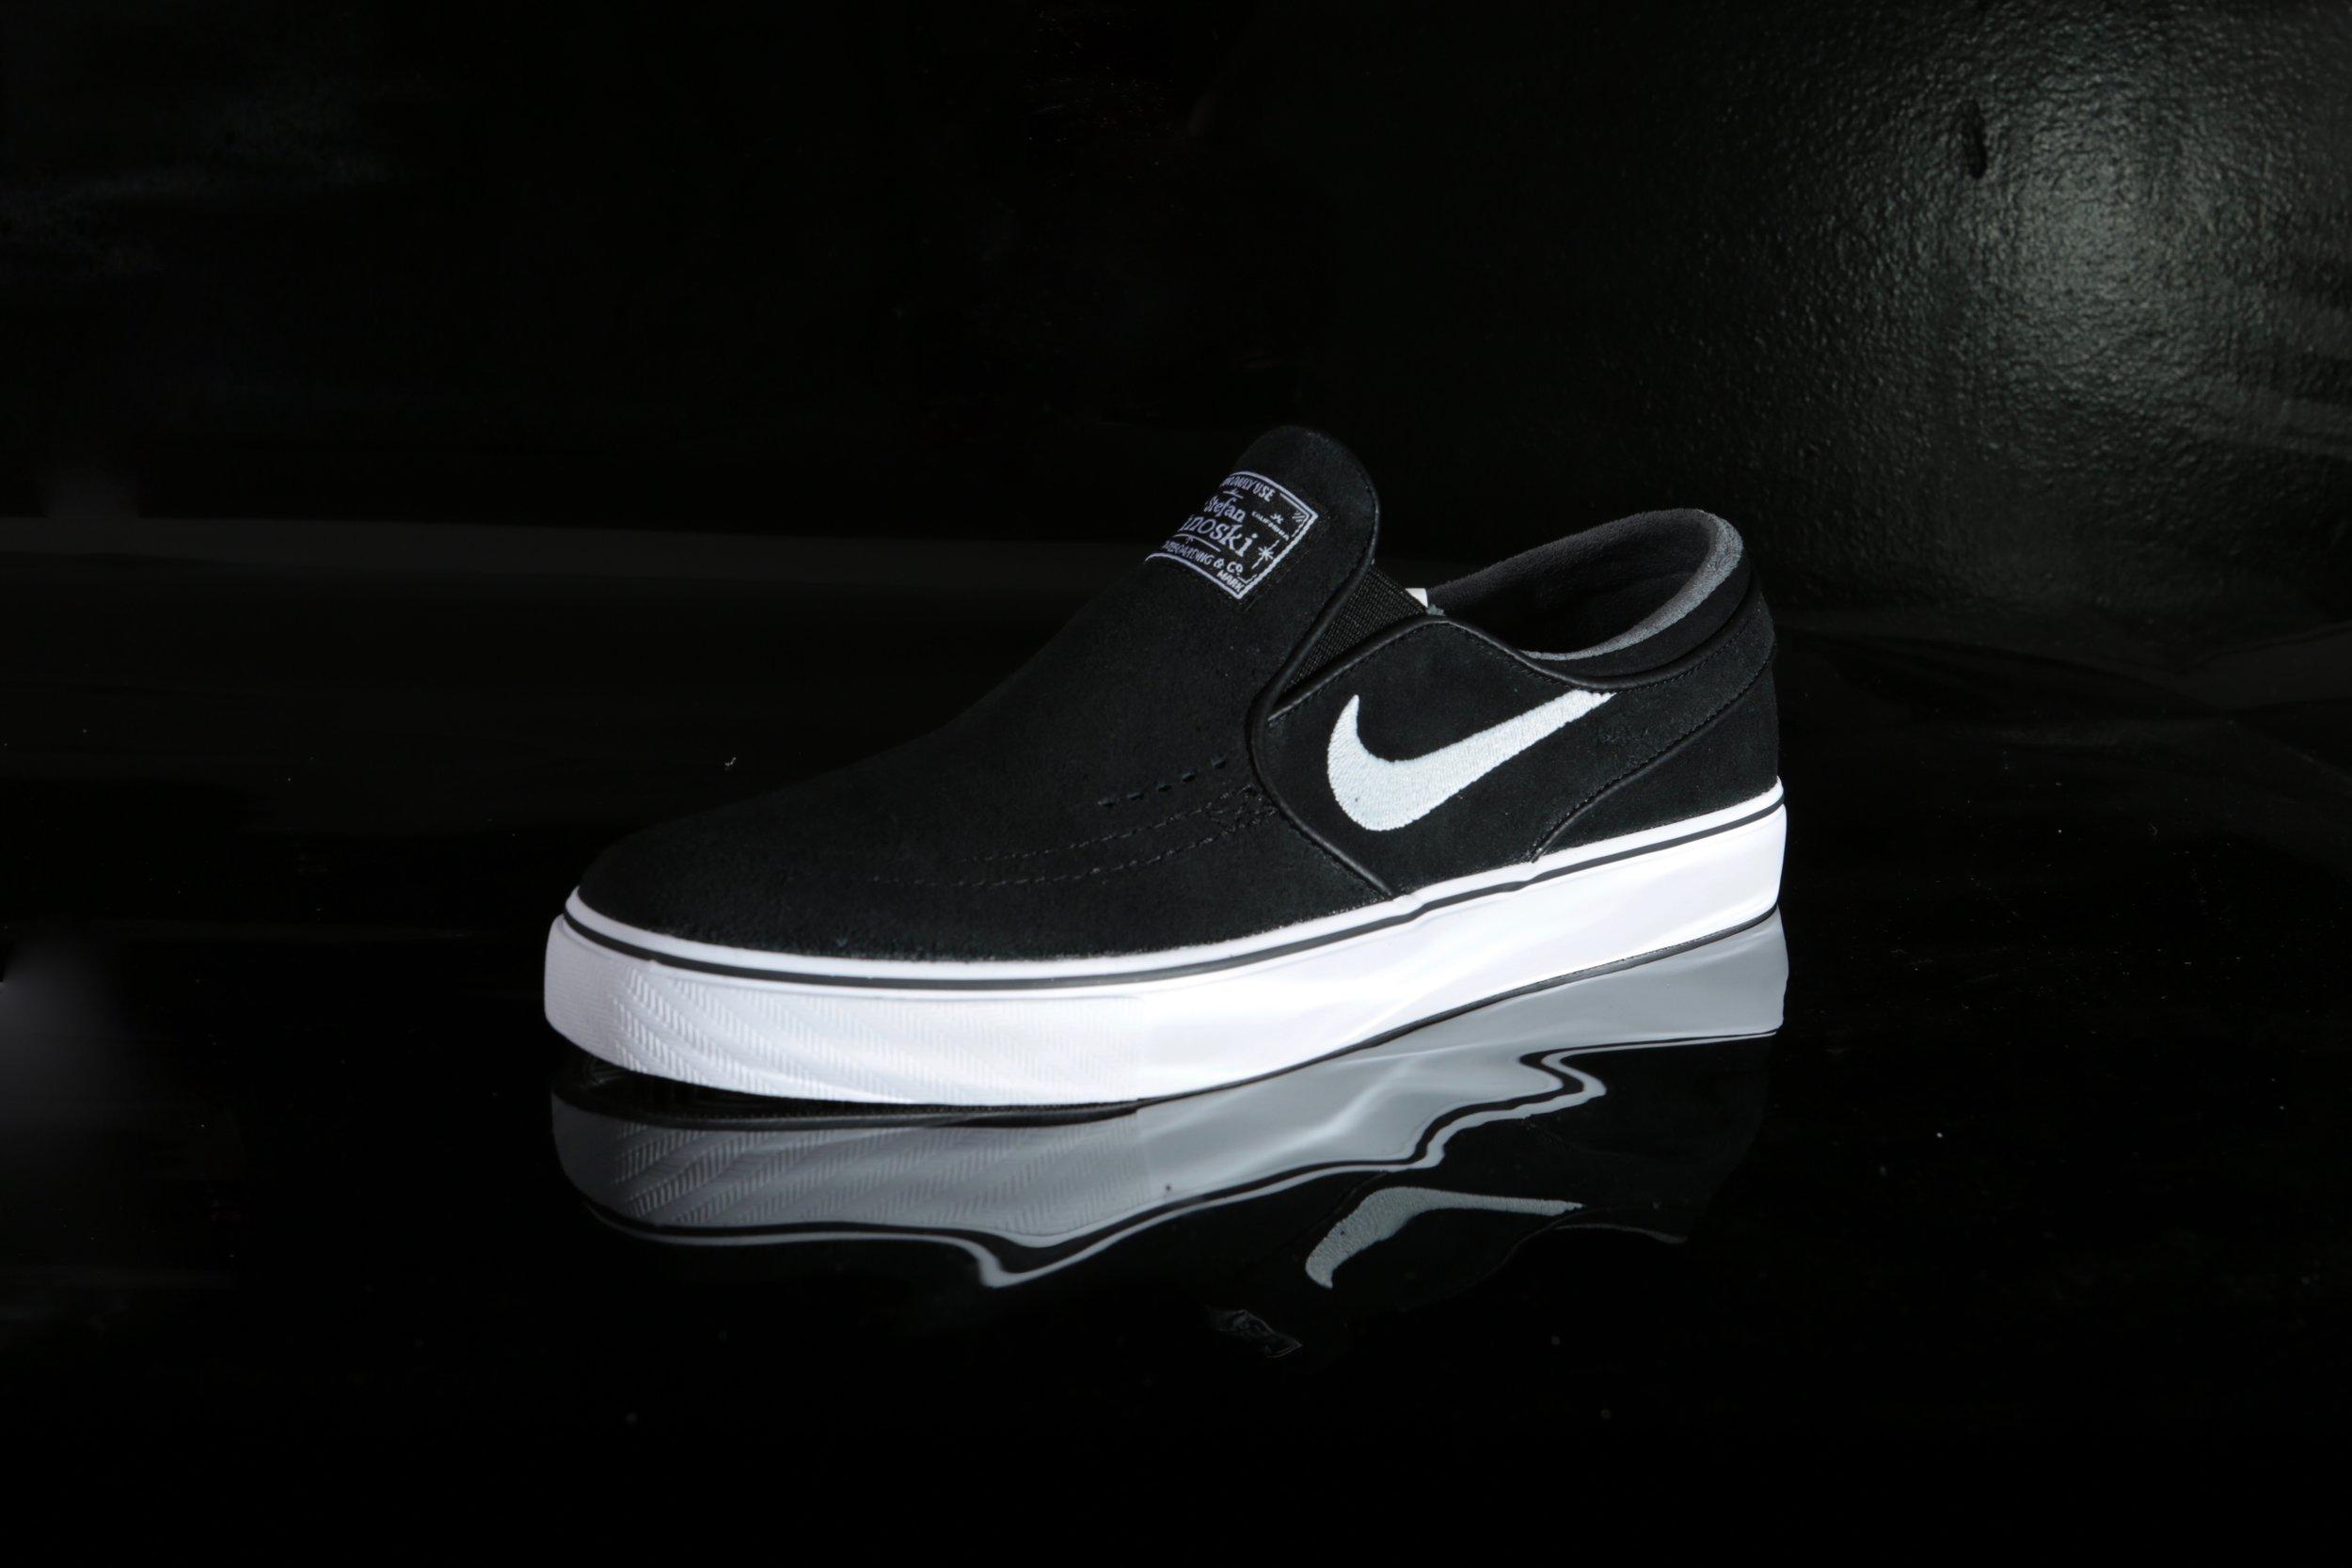 Black Nike Zoom Stefan Janoski Slip